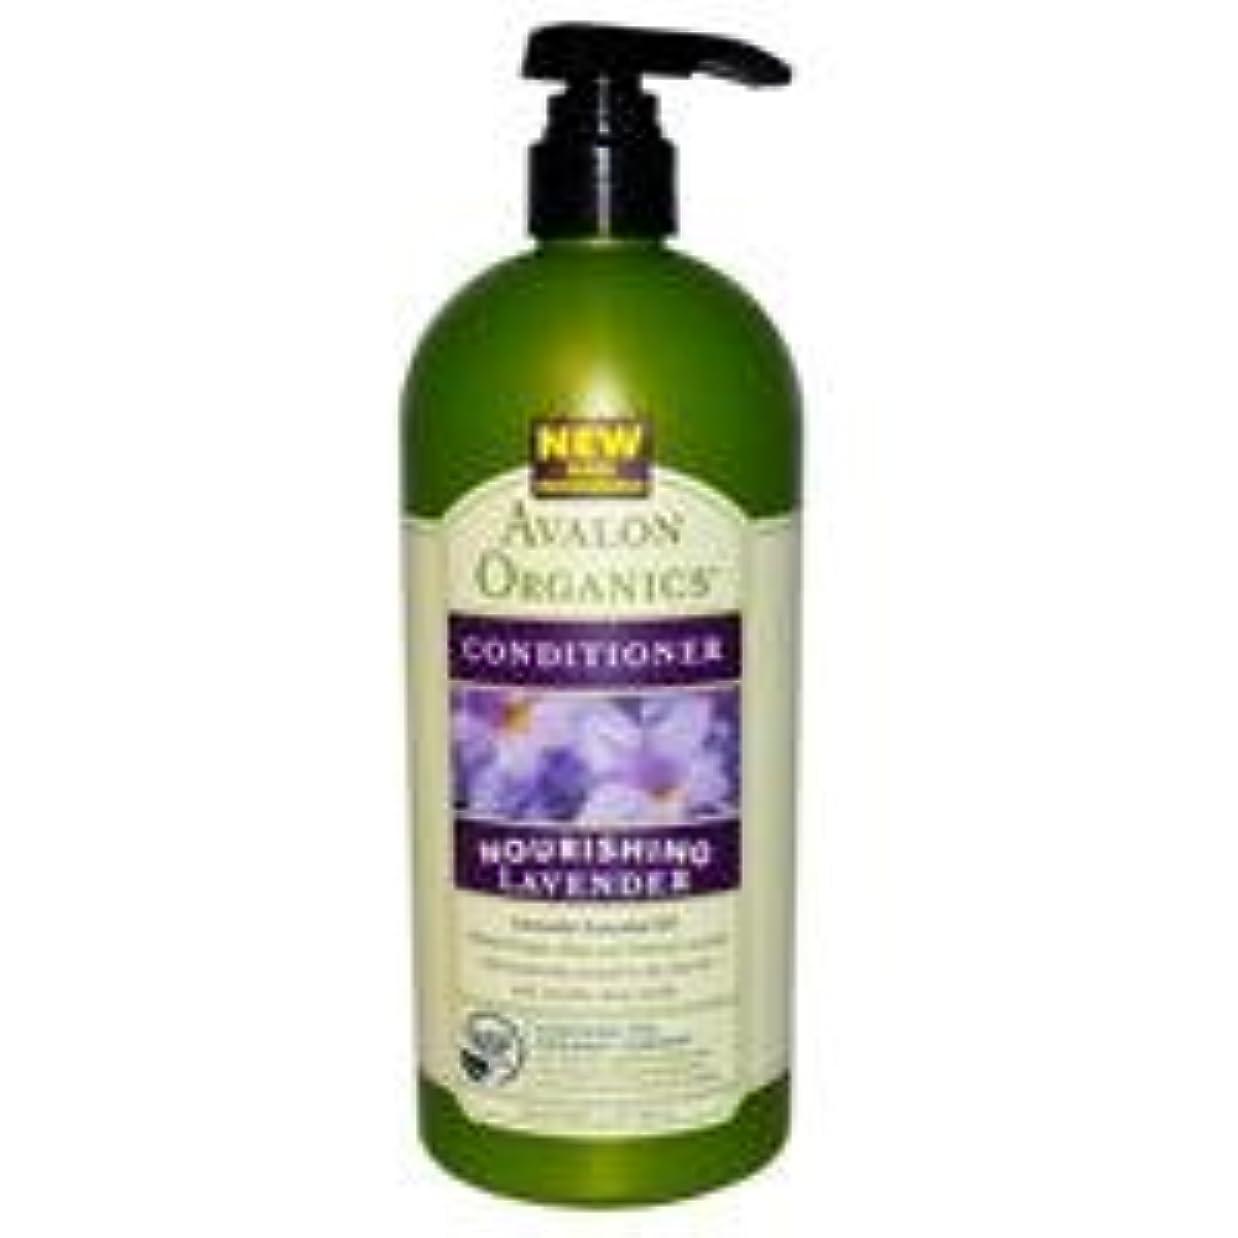 人生を作る居間達成[海外直送品] アバロンオーガニック(Avalon Organics) コンディショナー ラベンダーの香り 907g